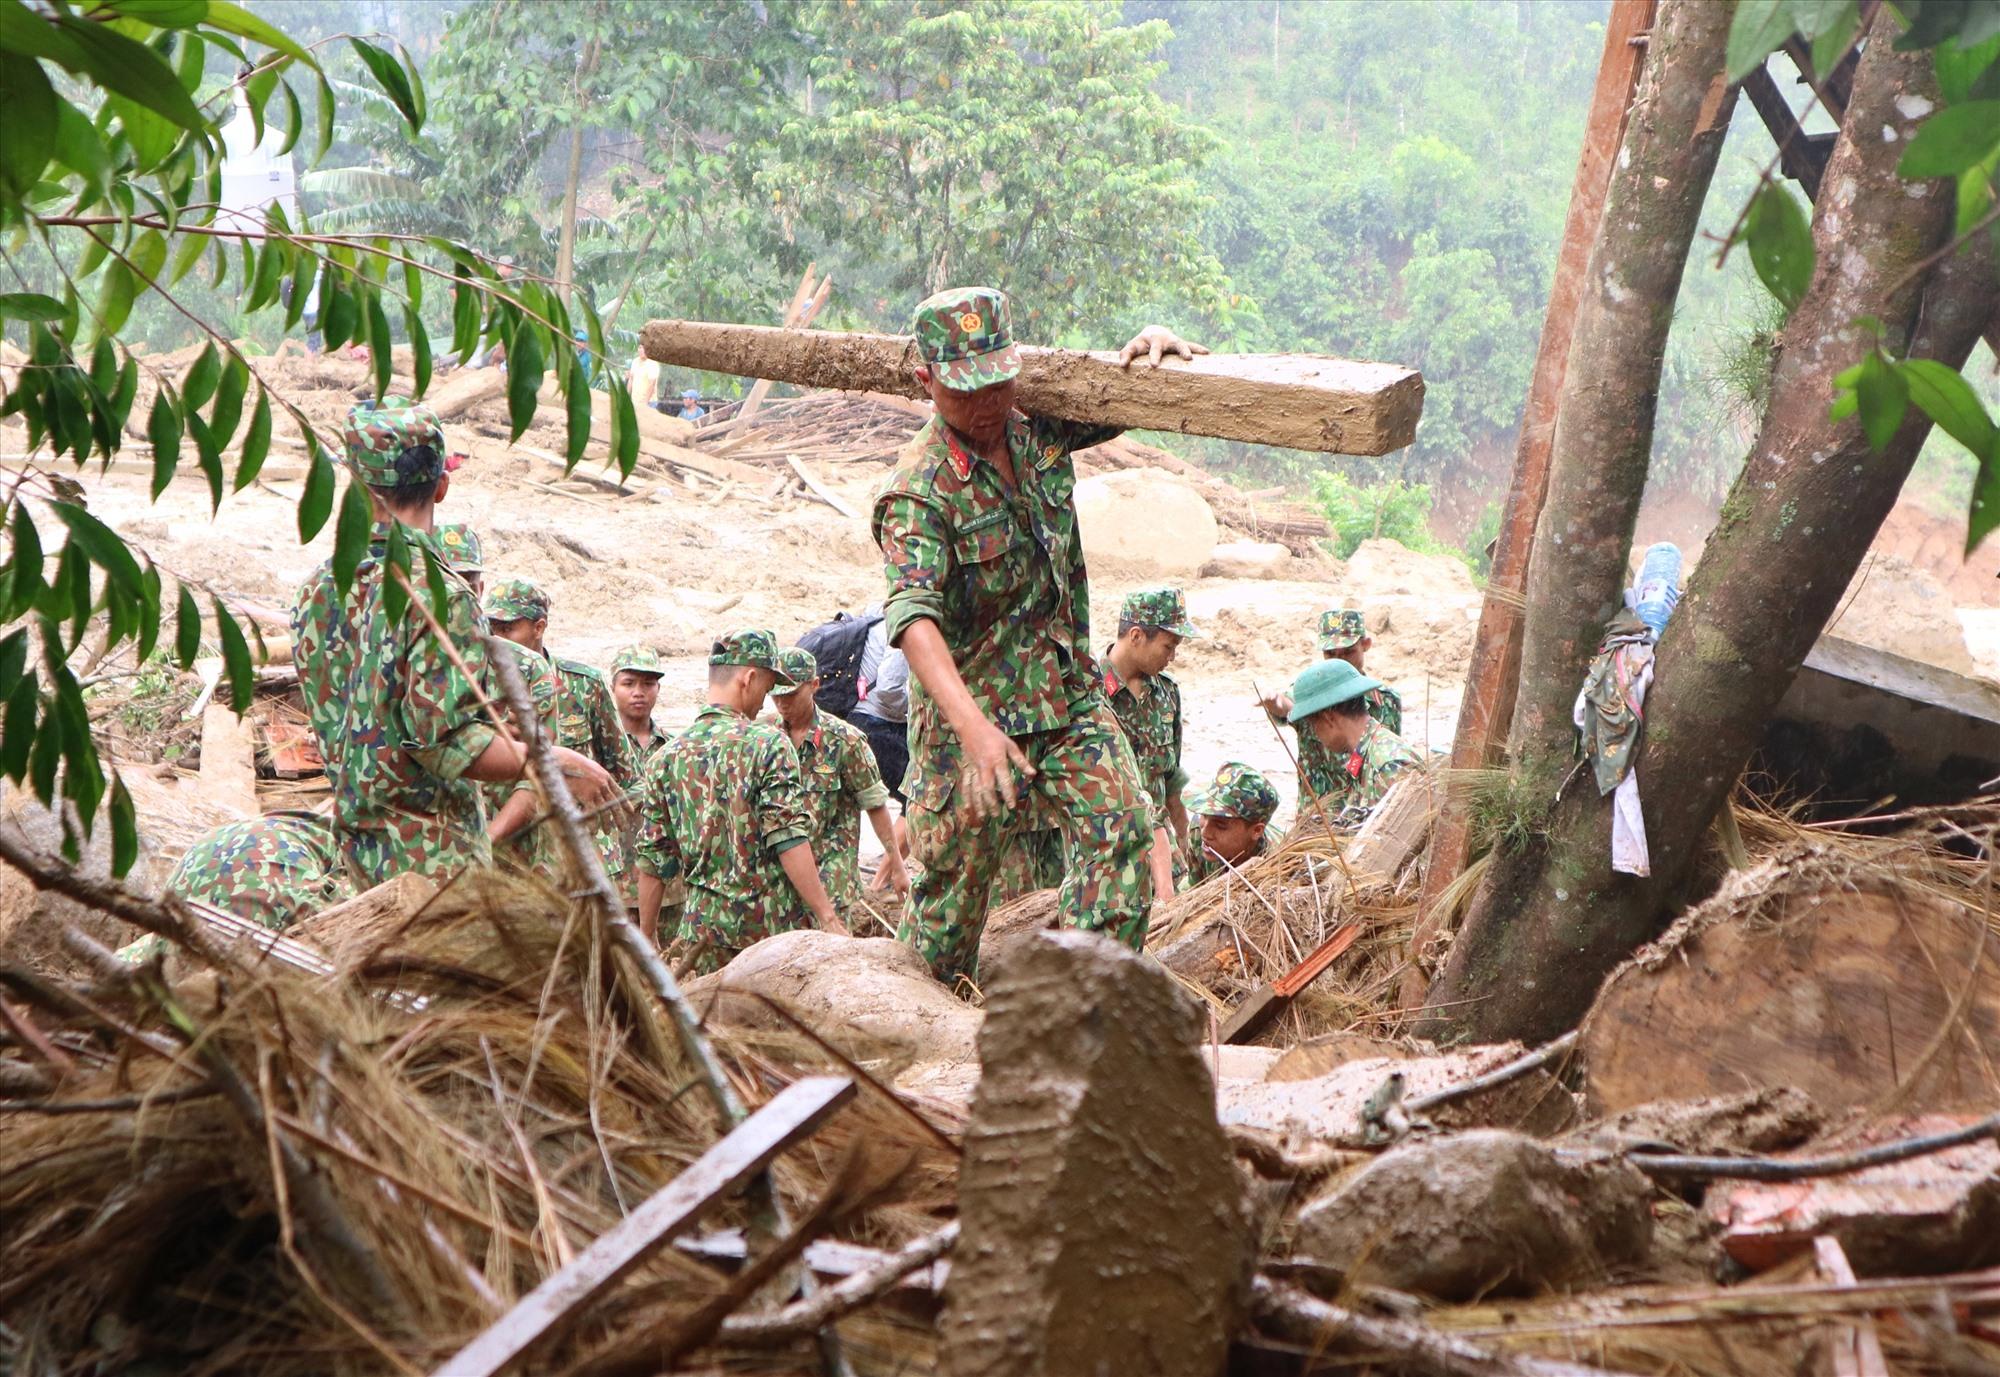 Một chiến sĩ vác khúc gỗ sườn nhà khỏi vị trí hiện trường tìm kiếm. Ảnh: P.V